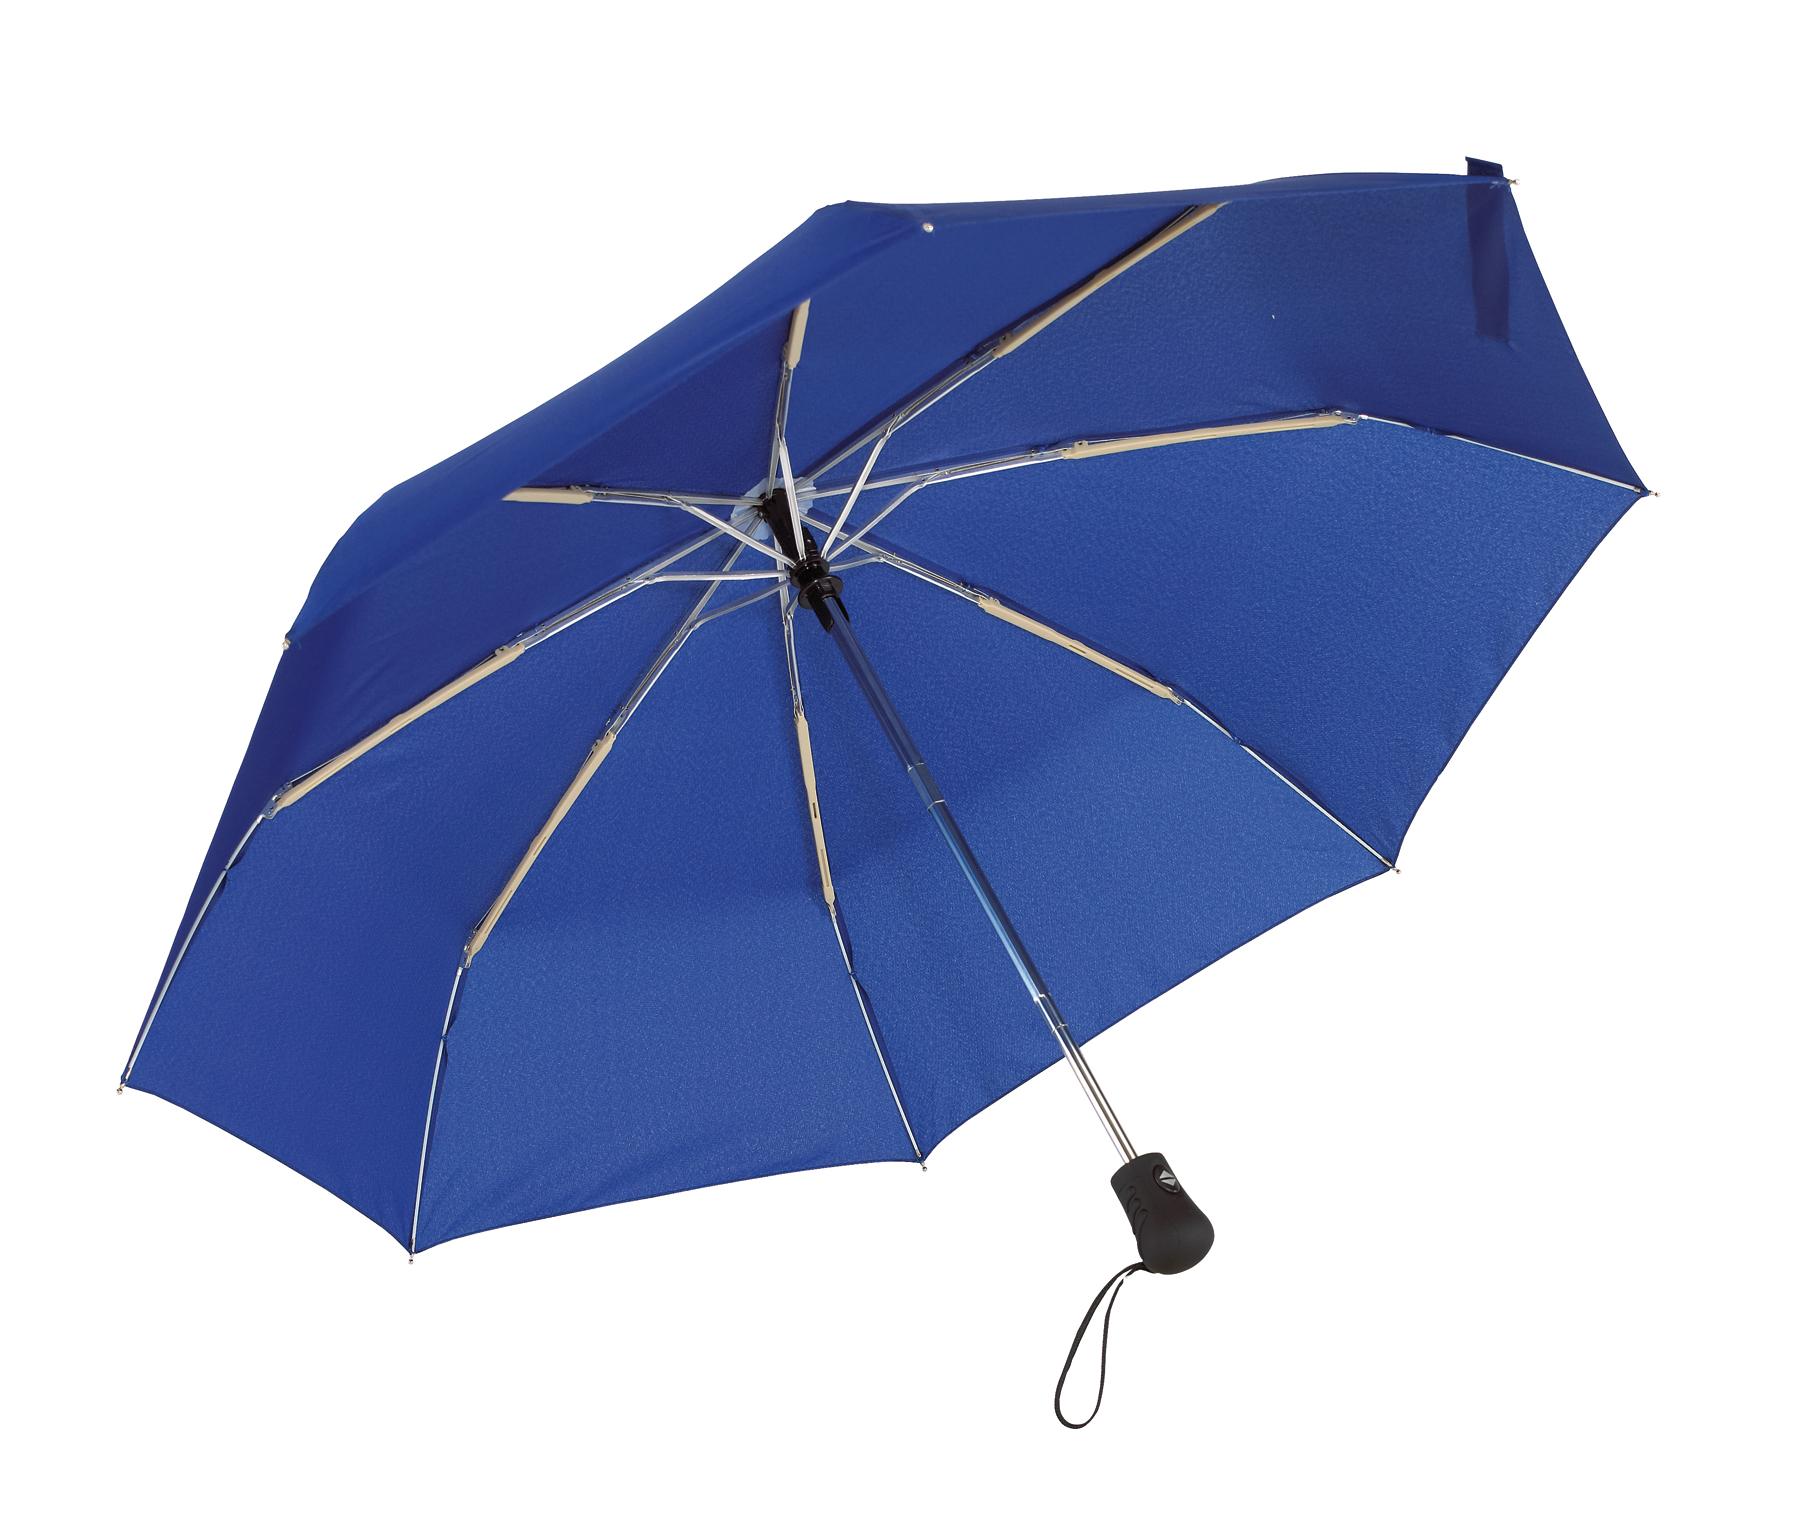 Automatyczny, wiatroodporny, kieszonkowy parasol BORA, niebieski